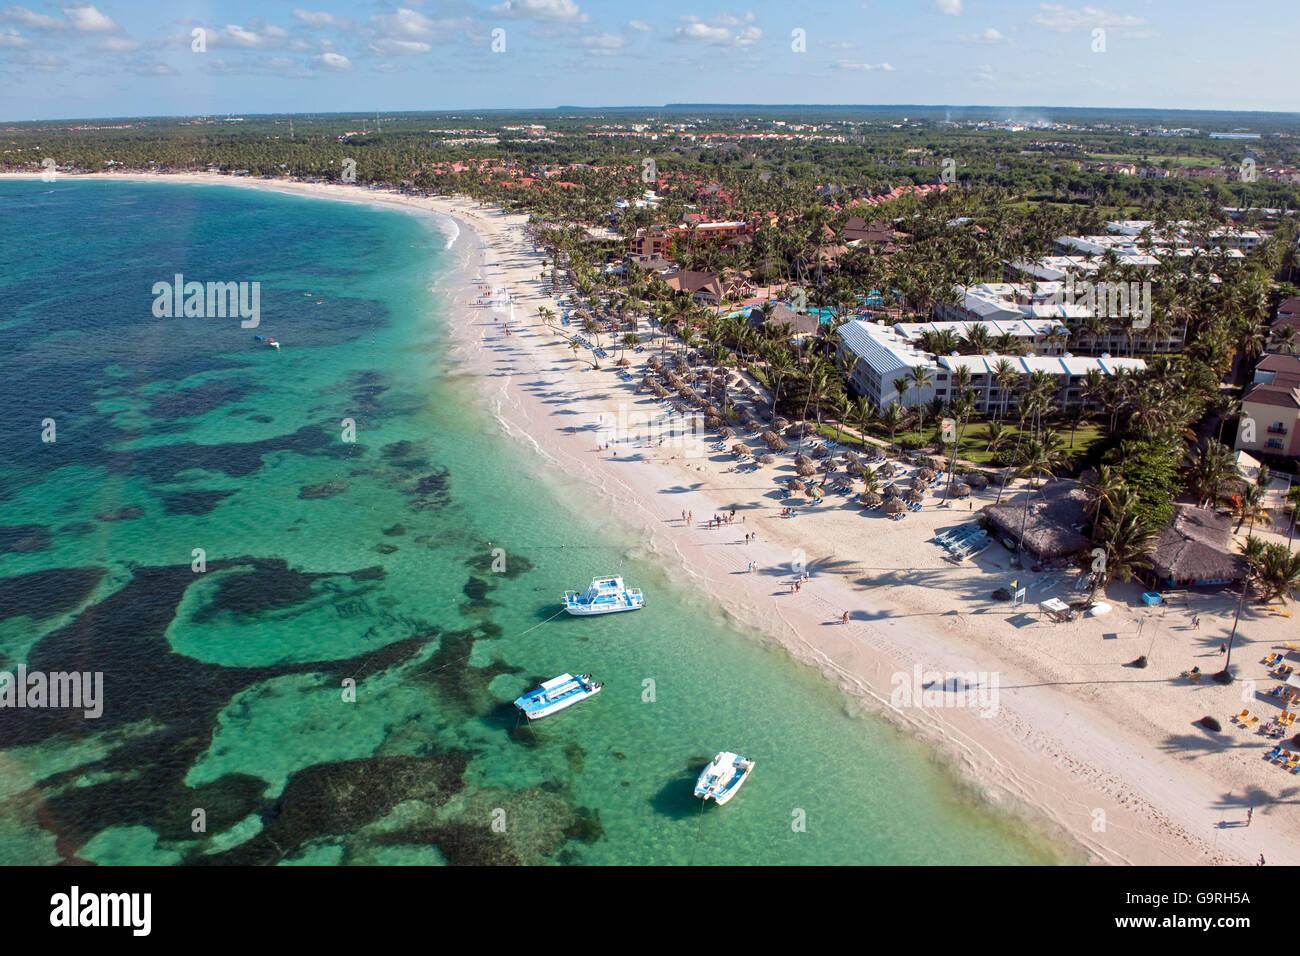 Spiaggia Beach Resort, reef, Bavaro e Punta Cana, La Altagracia Provincia, Repubblica Dominicana Immagini Stock